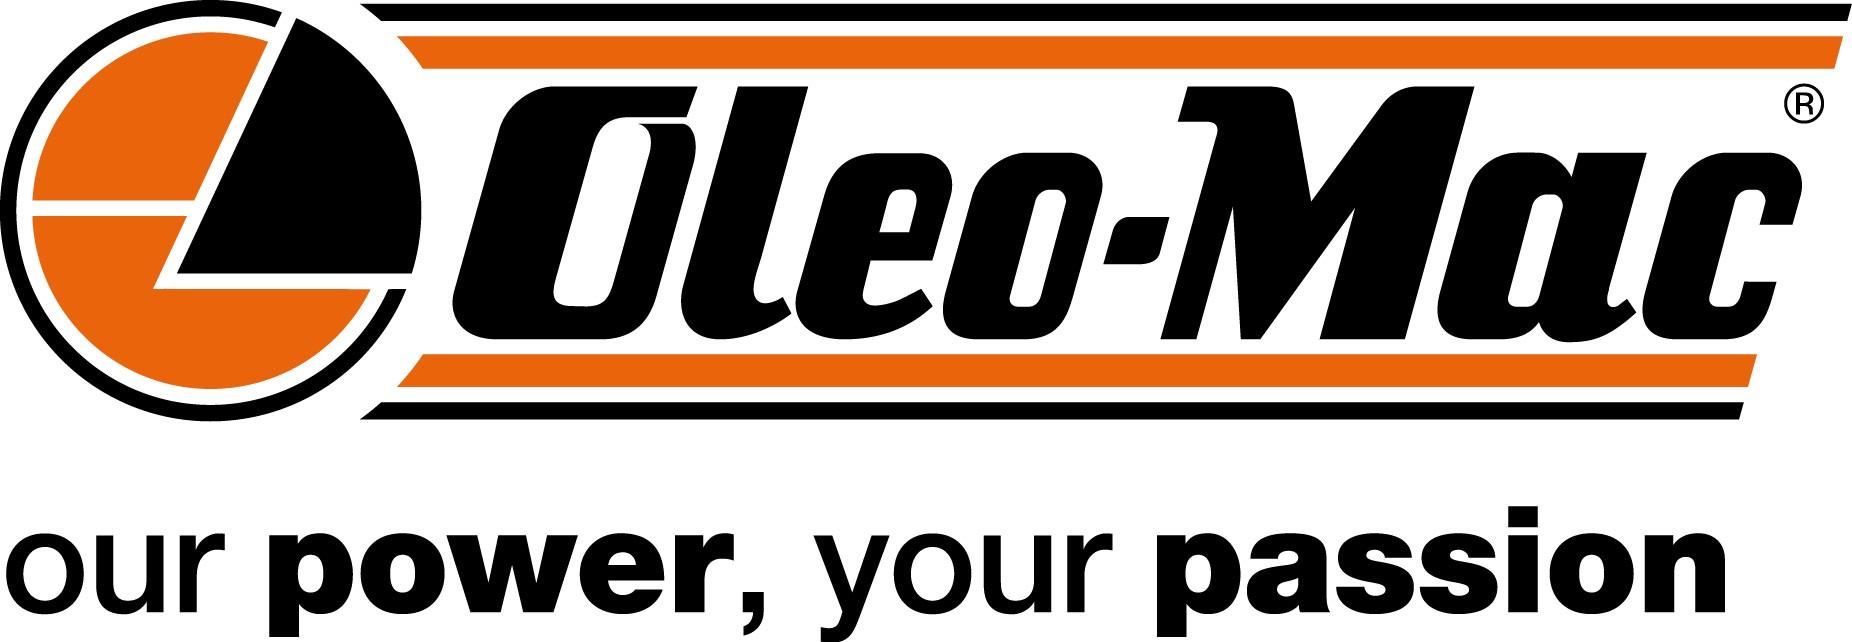 oleo mac logo ile ilgili görsel sonucu